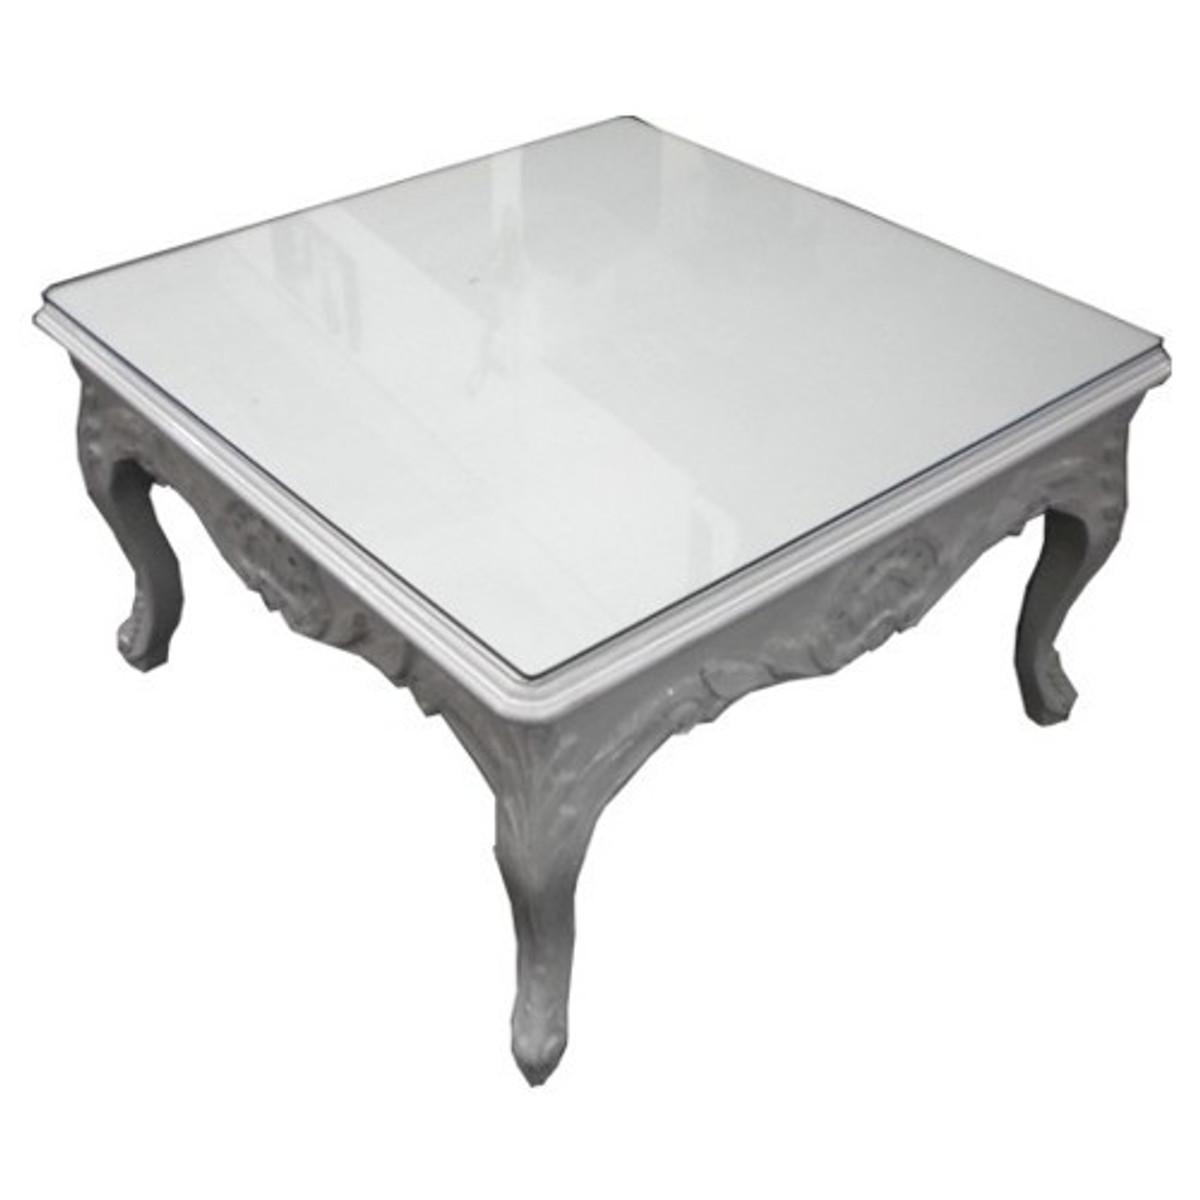 casa padrino barock salon tisch wei 70 x 70 cm couchtisch wohnzimmer tisch couchtische. Black Bedroom Furniture Sets. Home Design Ideas